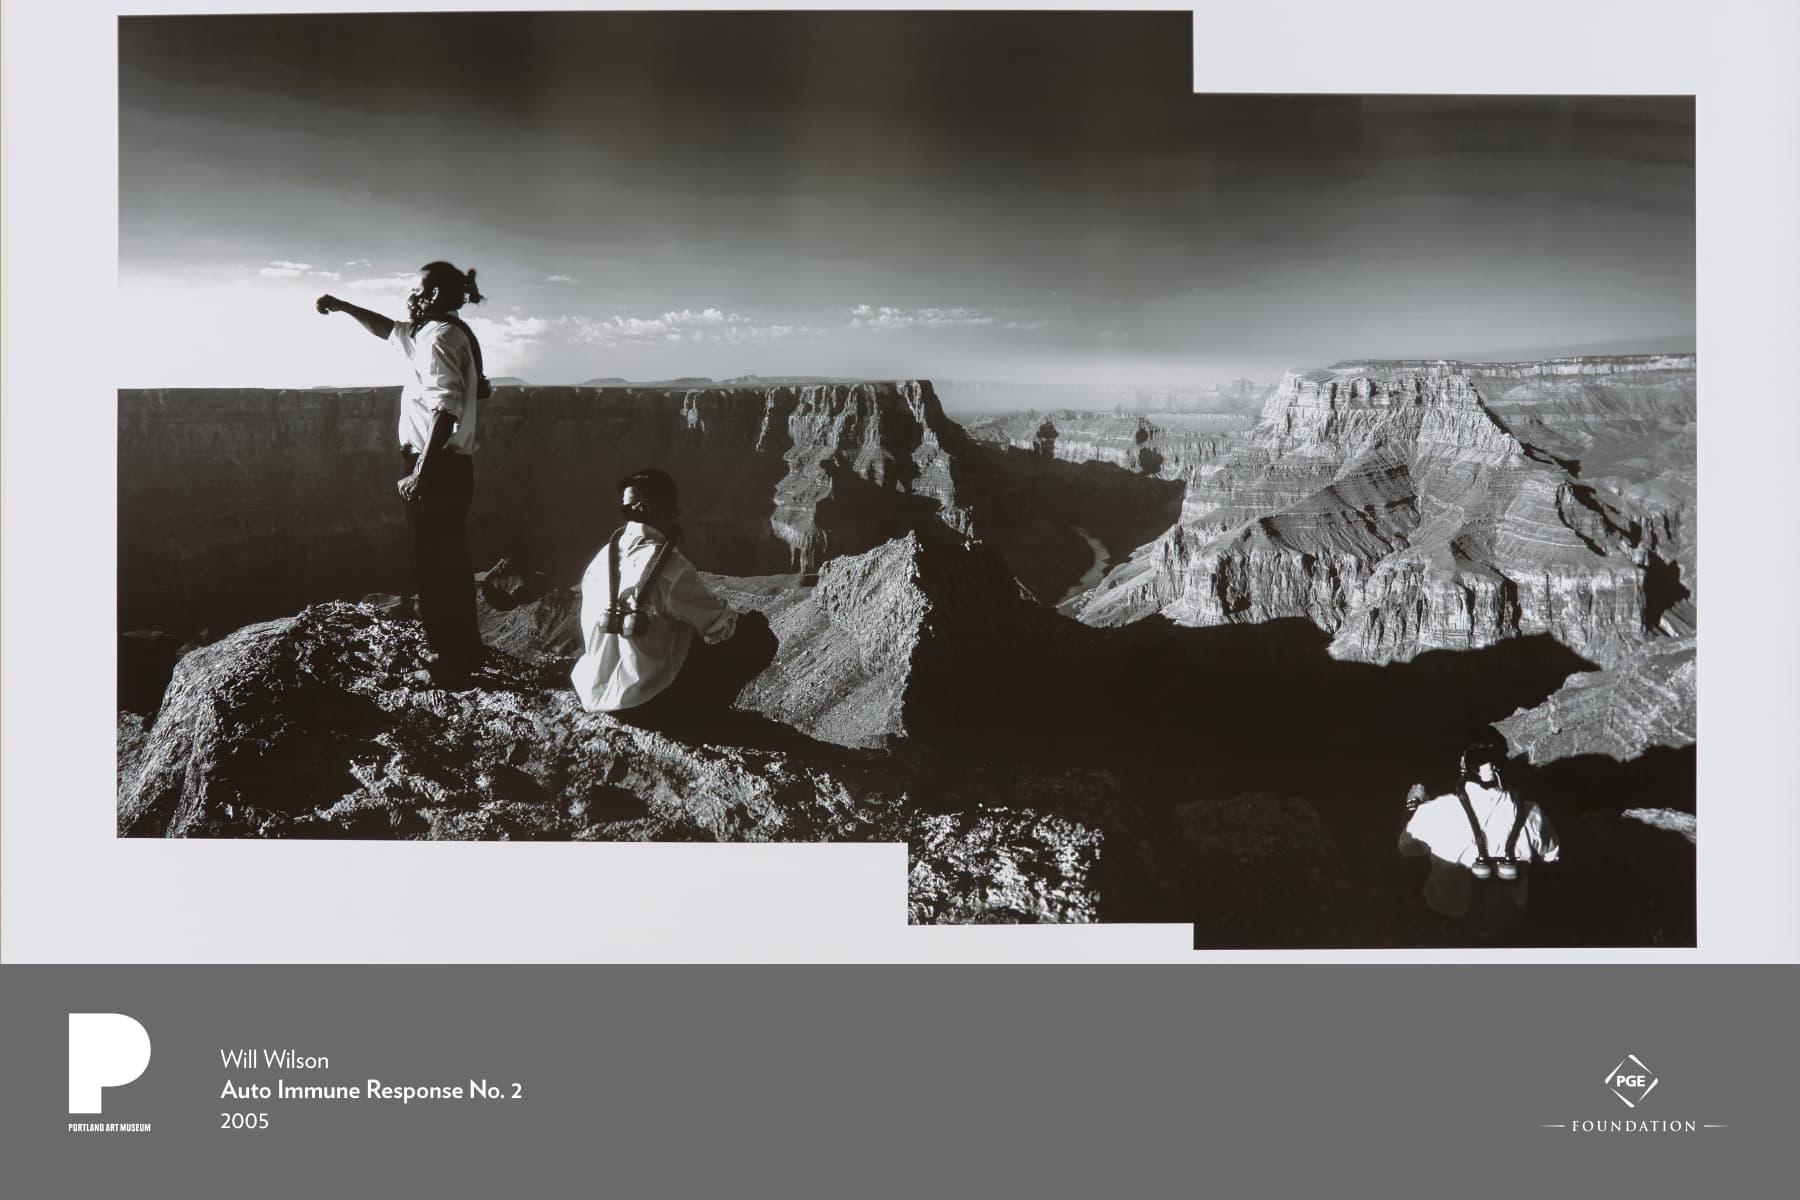 Will Wilson (American and Navajo, born 1969) Auto Immune Response No. 2, 2005